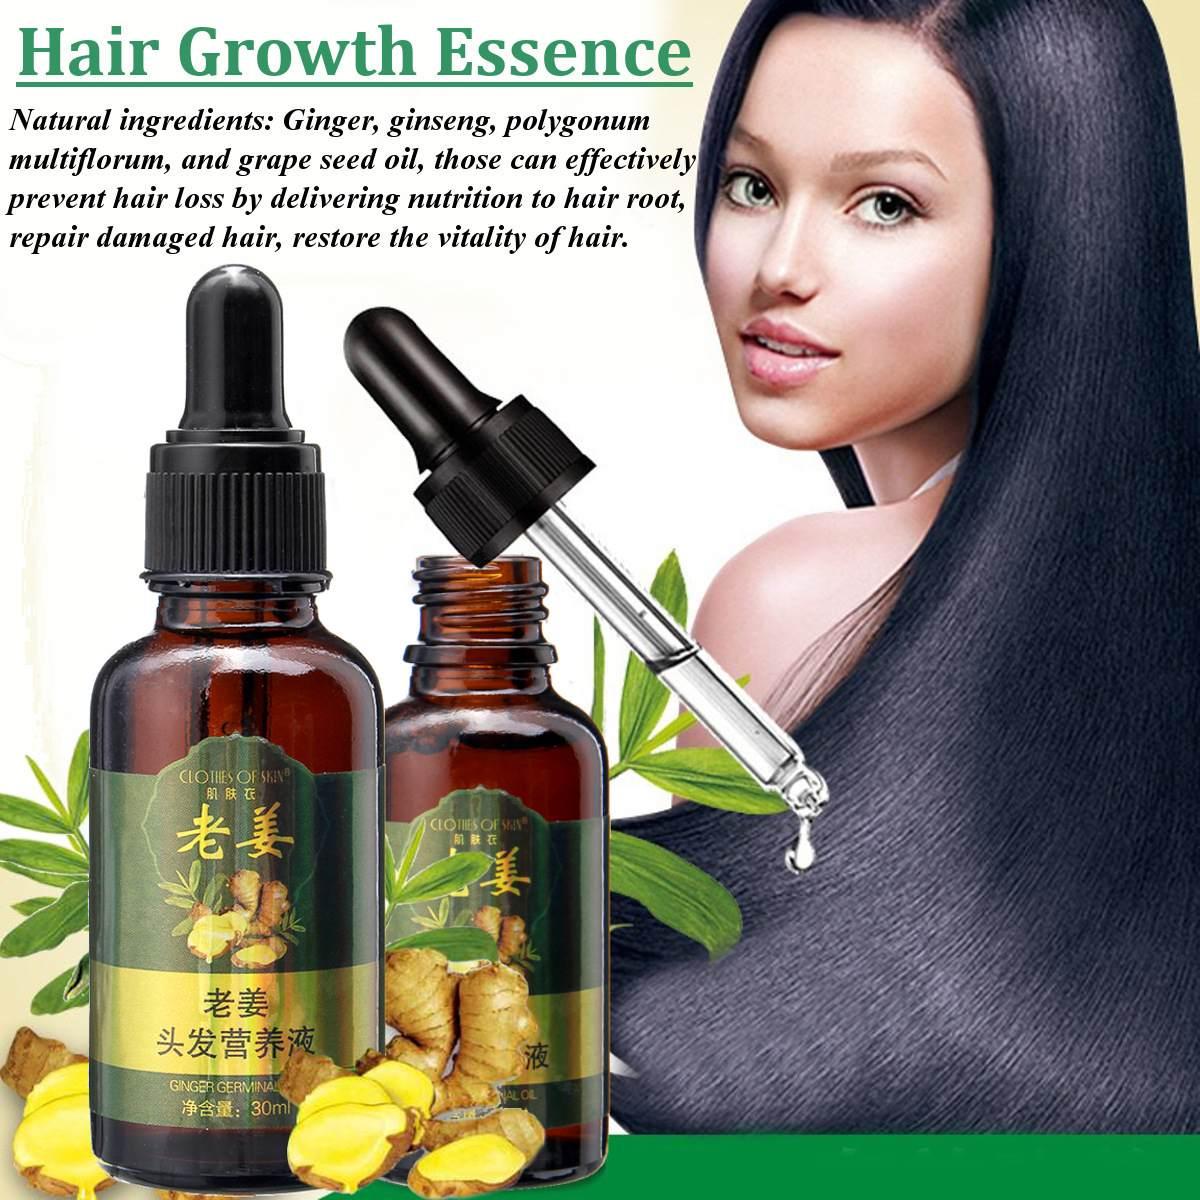 Offres spéciales unisexe Anti perte de cheveux traitement sérum gingembre extrait repousse des cheveux bio barbe huile en croissance hommes femmes soin des cheveux